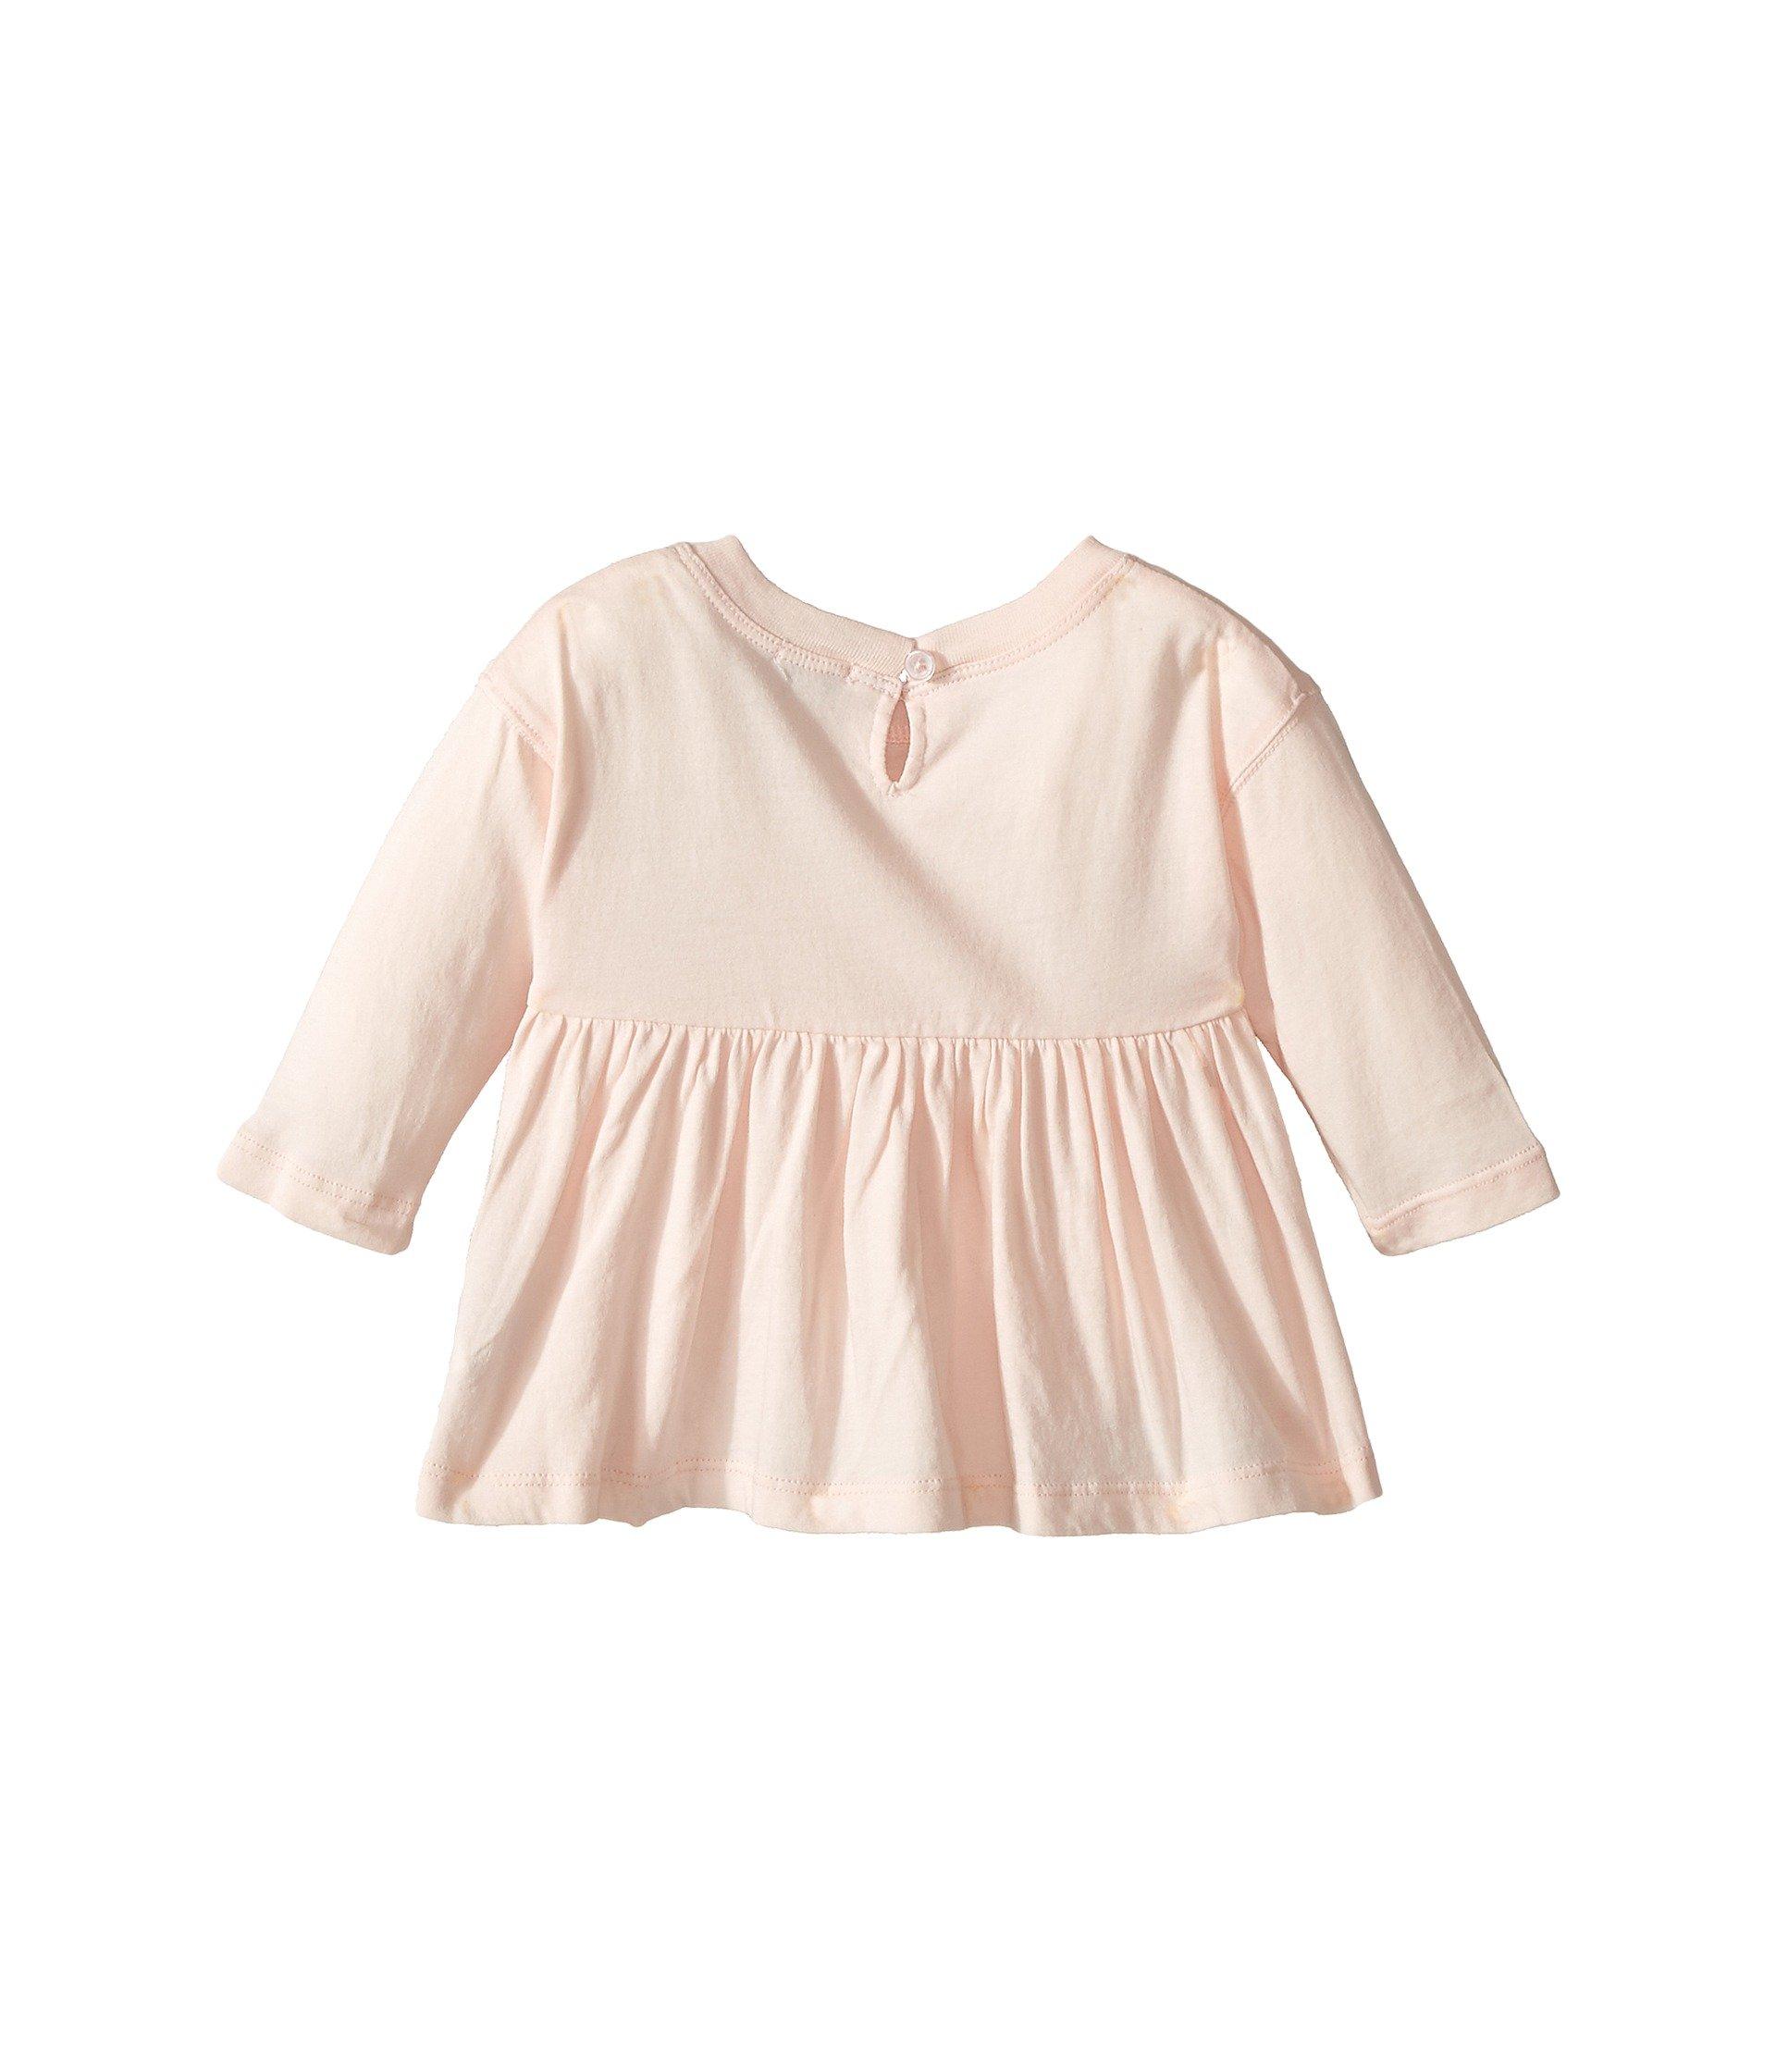 Splendid littles long sleeve top with lace insert infant for Splendid infant